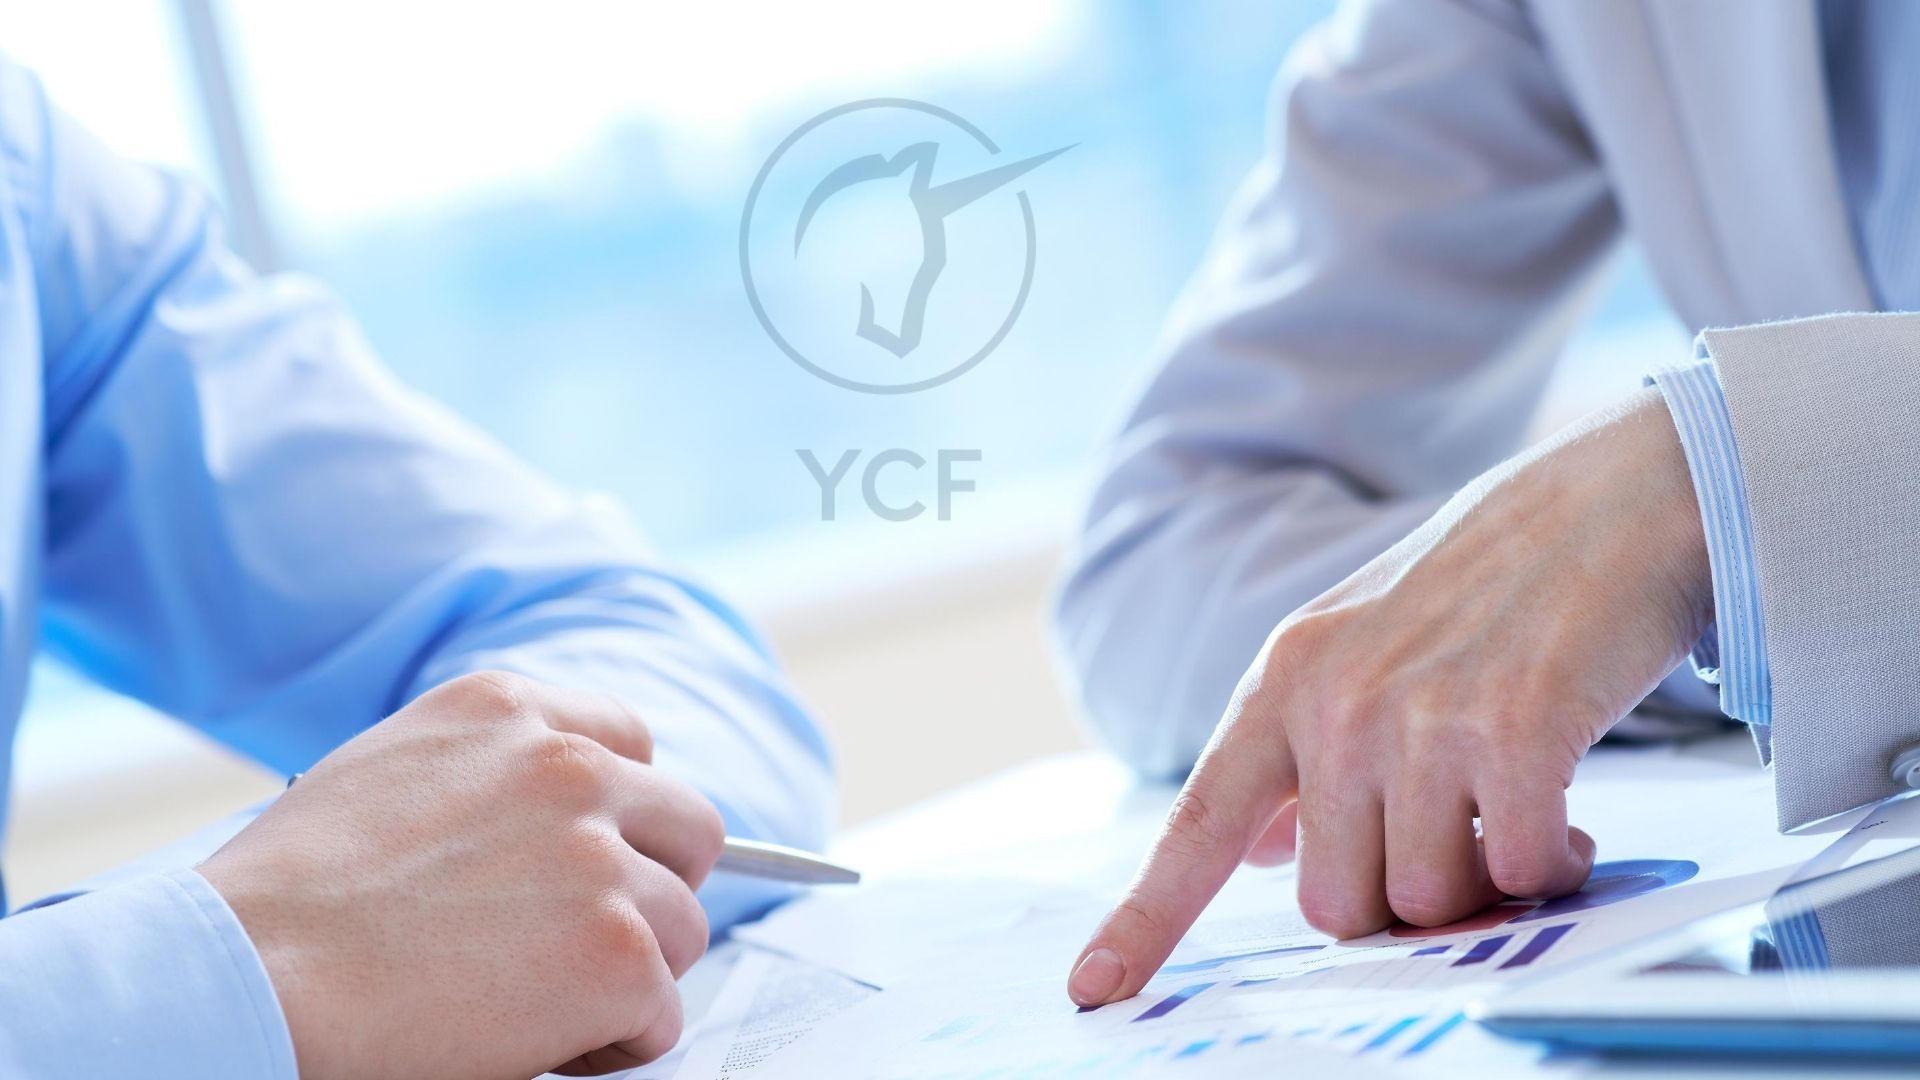 YCF Instructor Development Progam